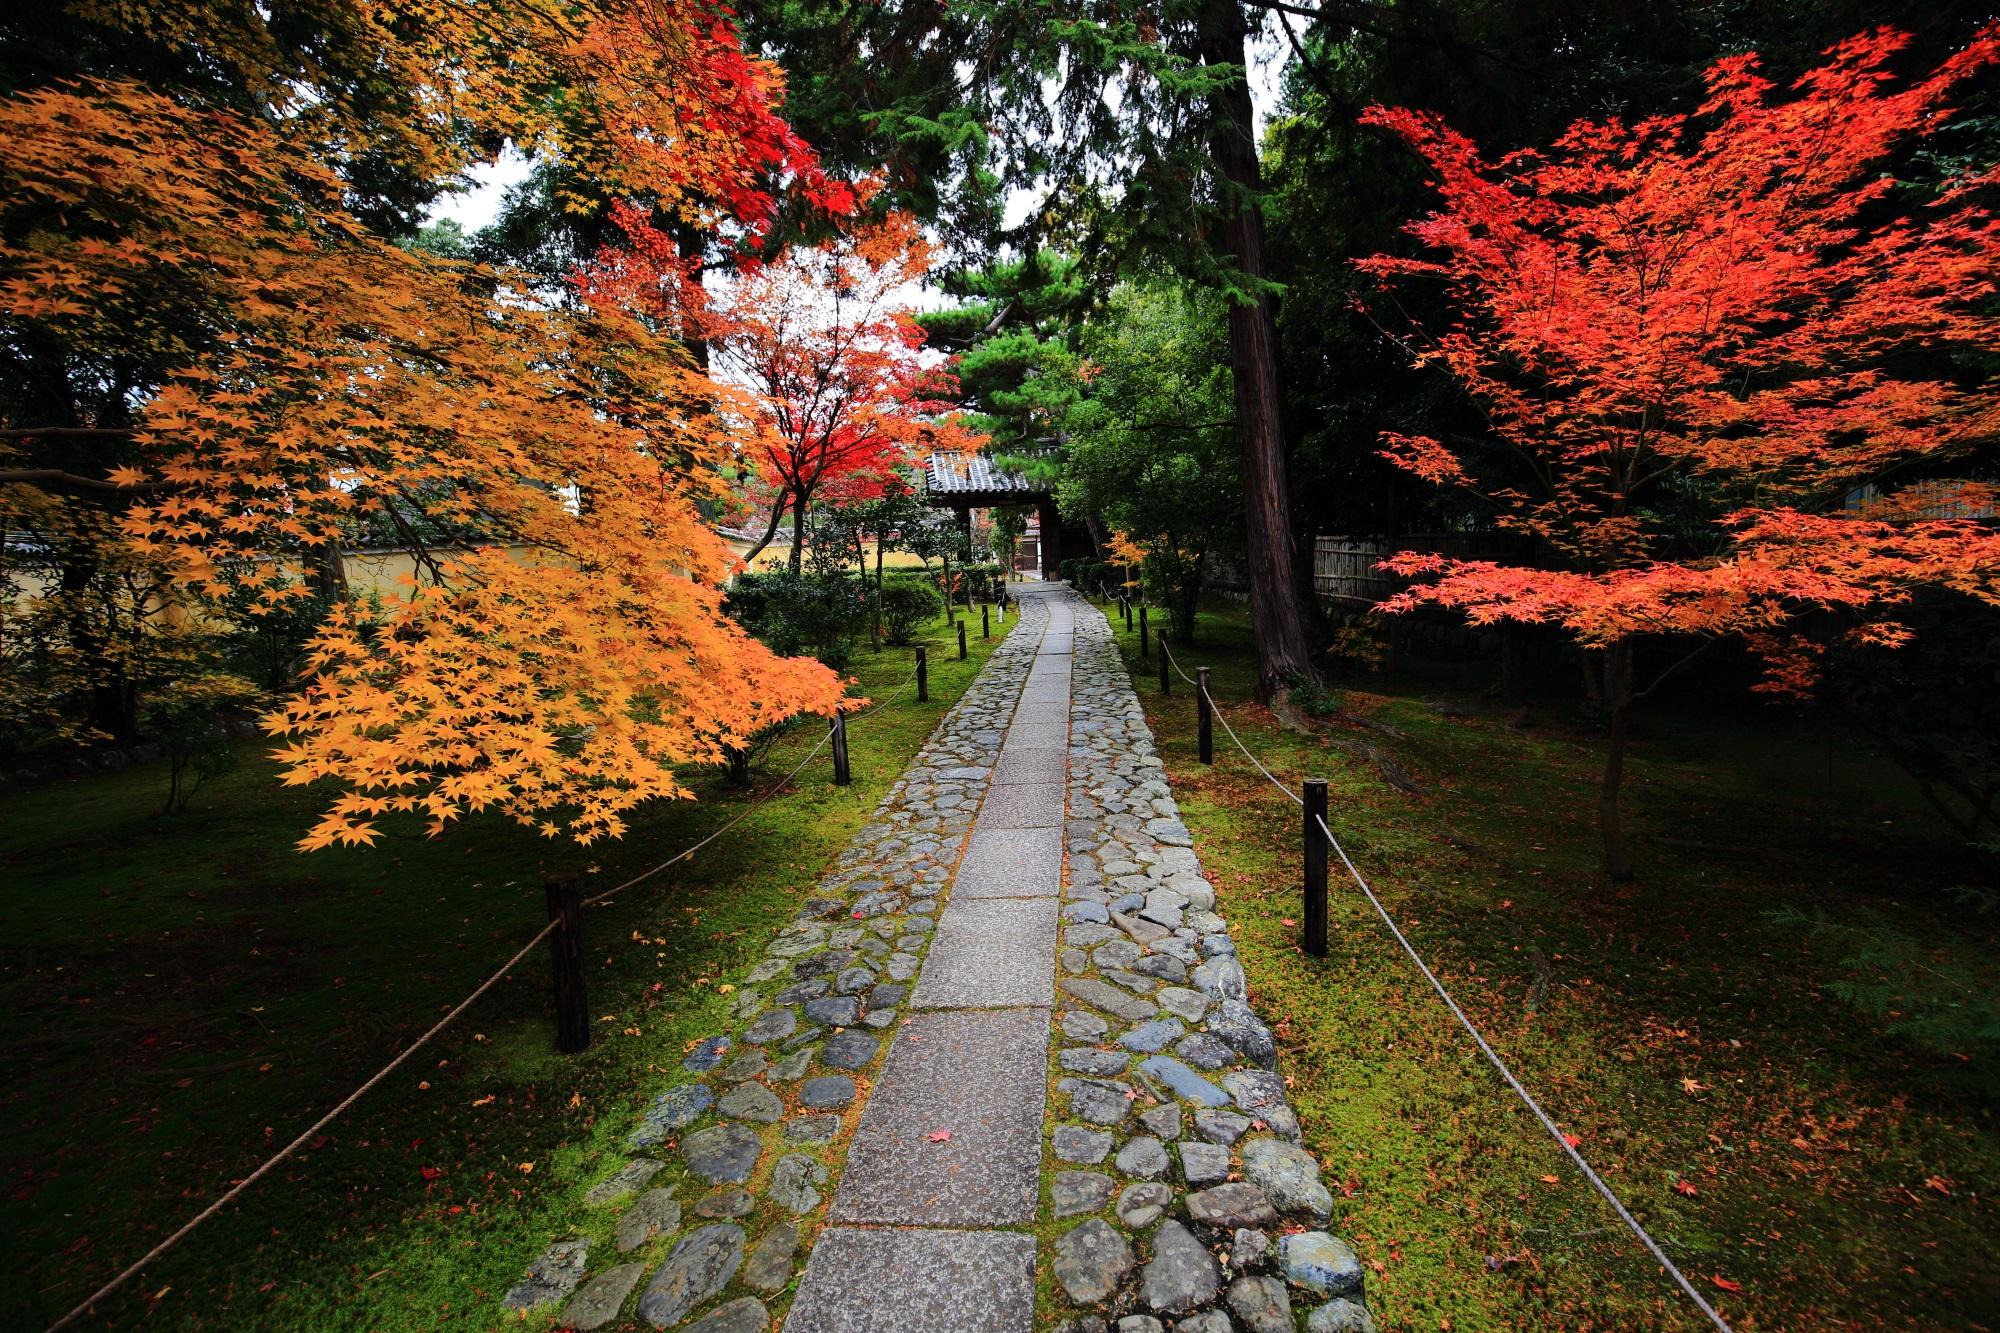 のもみじの名所の嵐山鹿王院の参道の優美な紅葉